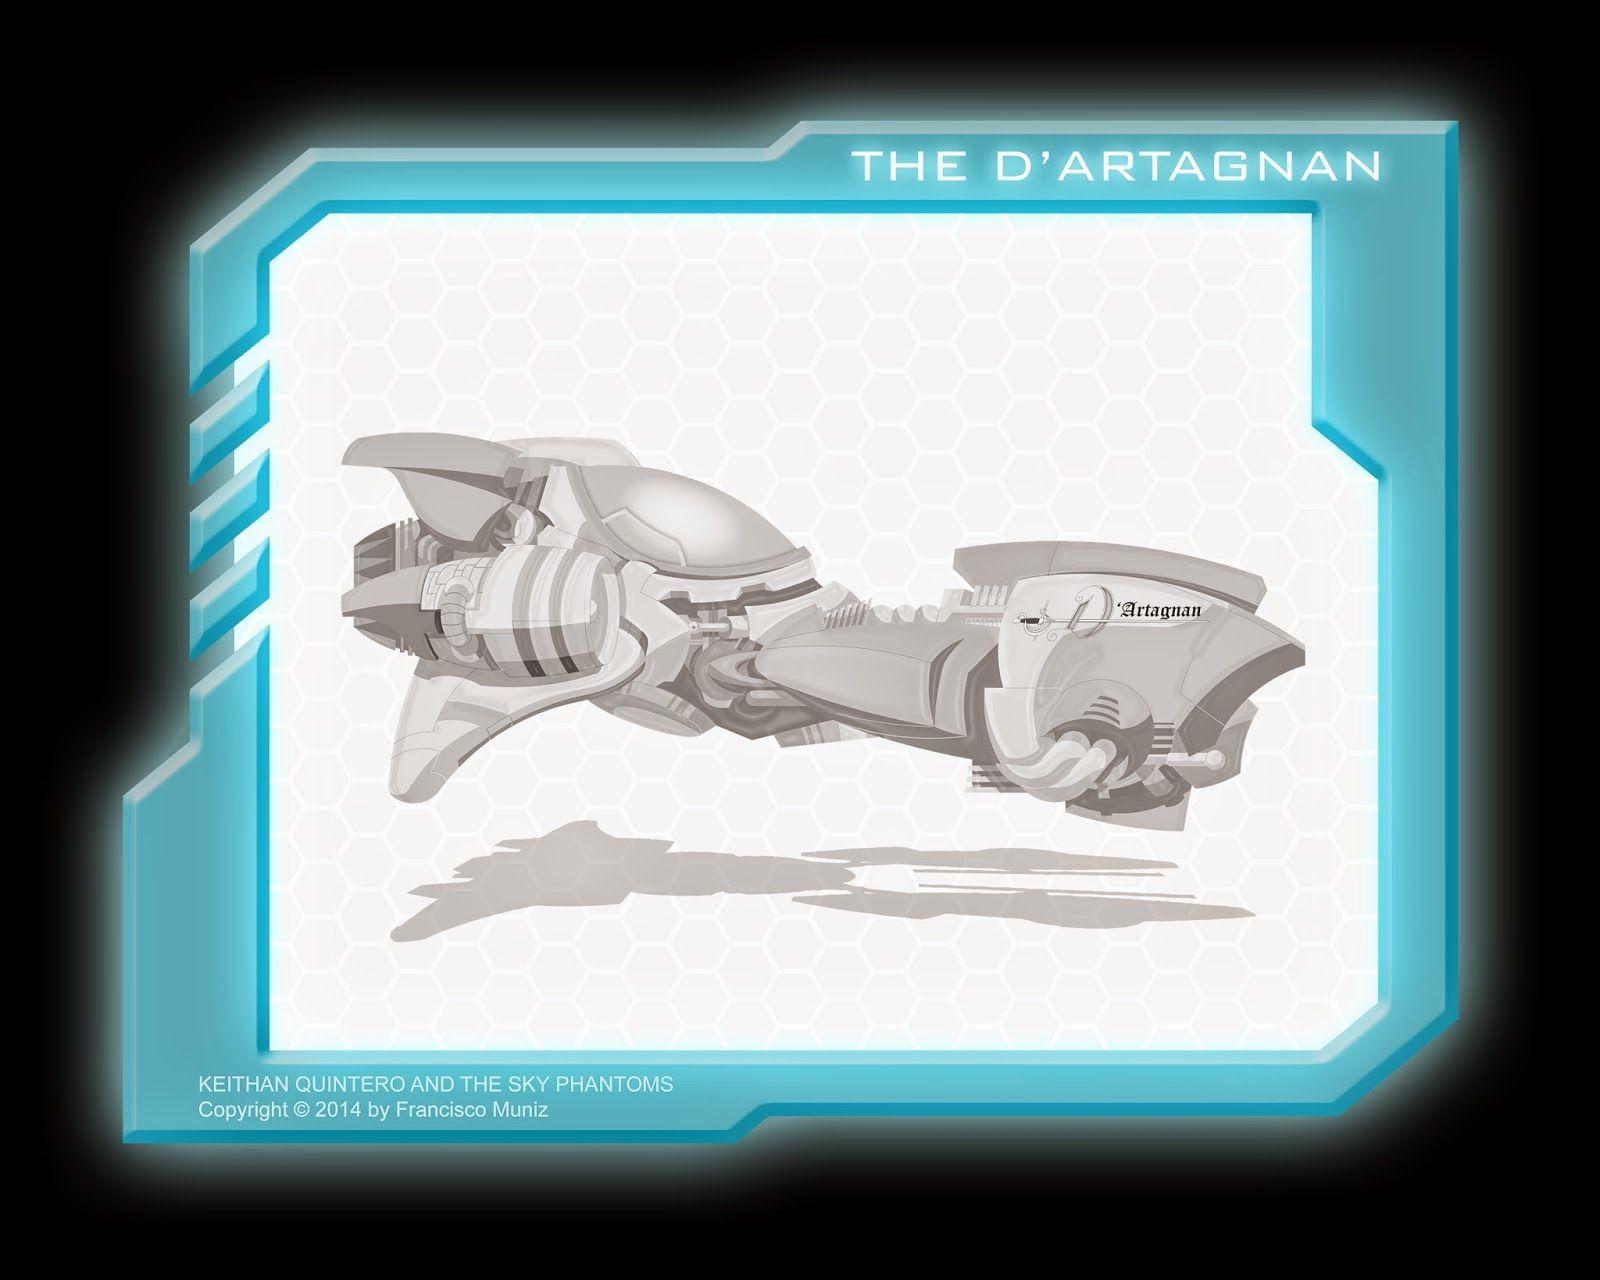 The D'Artaganan racing aircraft: Keithan Quintero and the Sky Phantoms